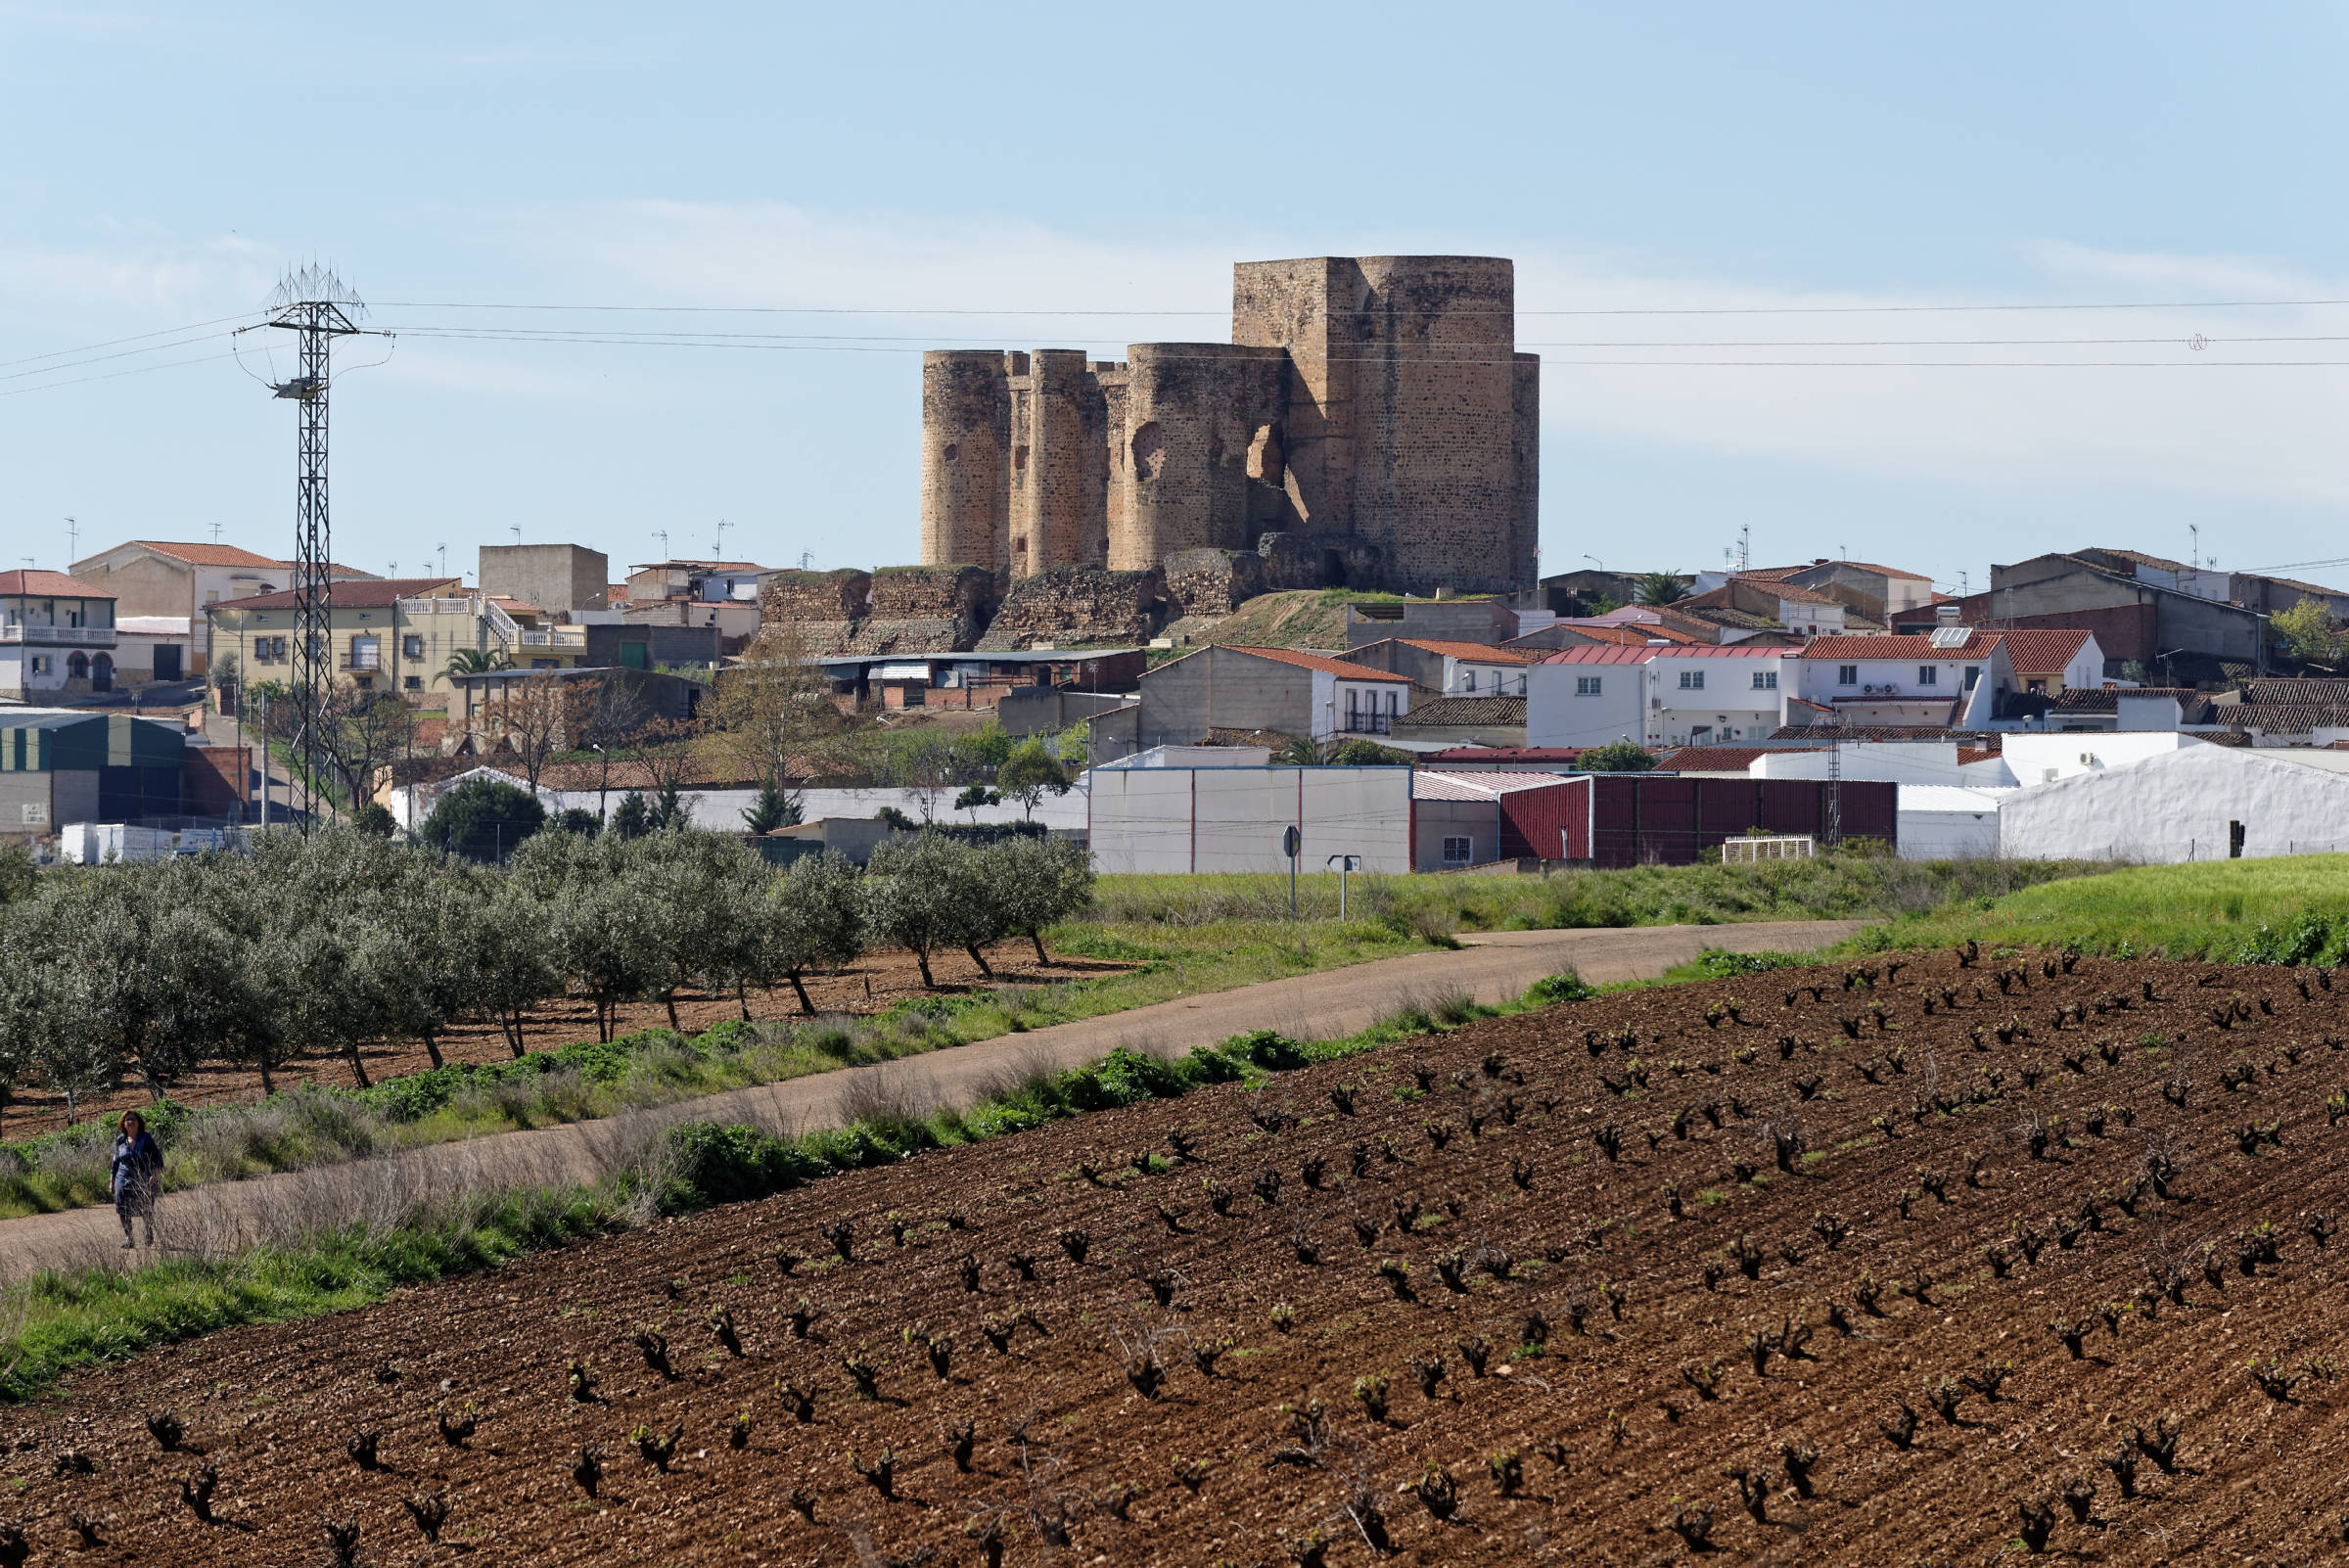 160407-Villalba de los Baros (Estremadure) (12)